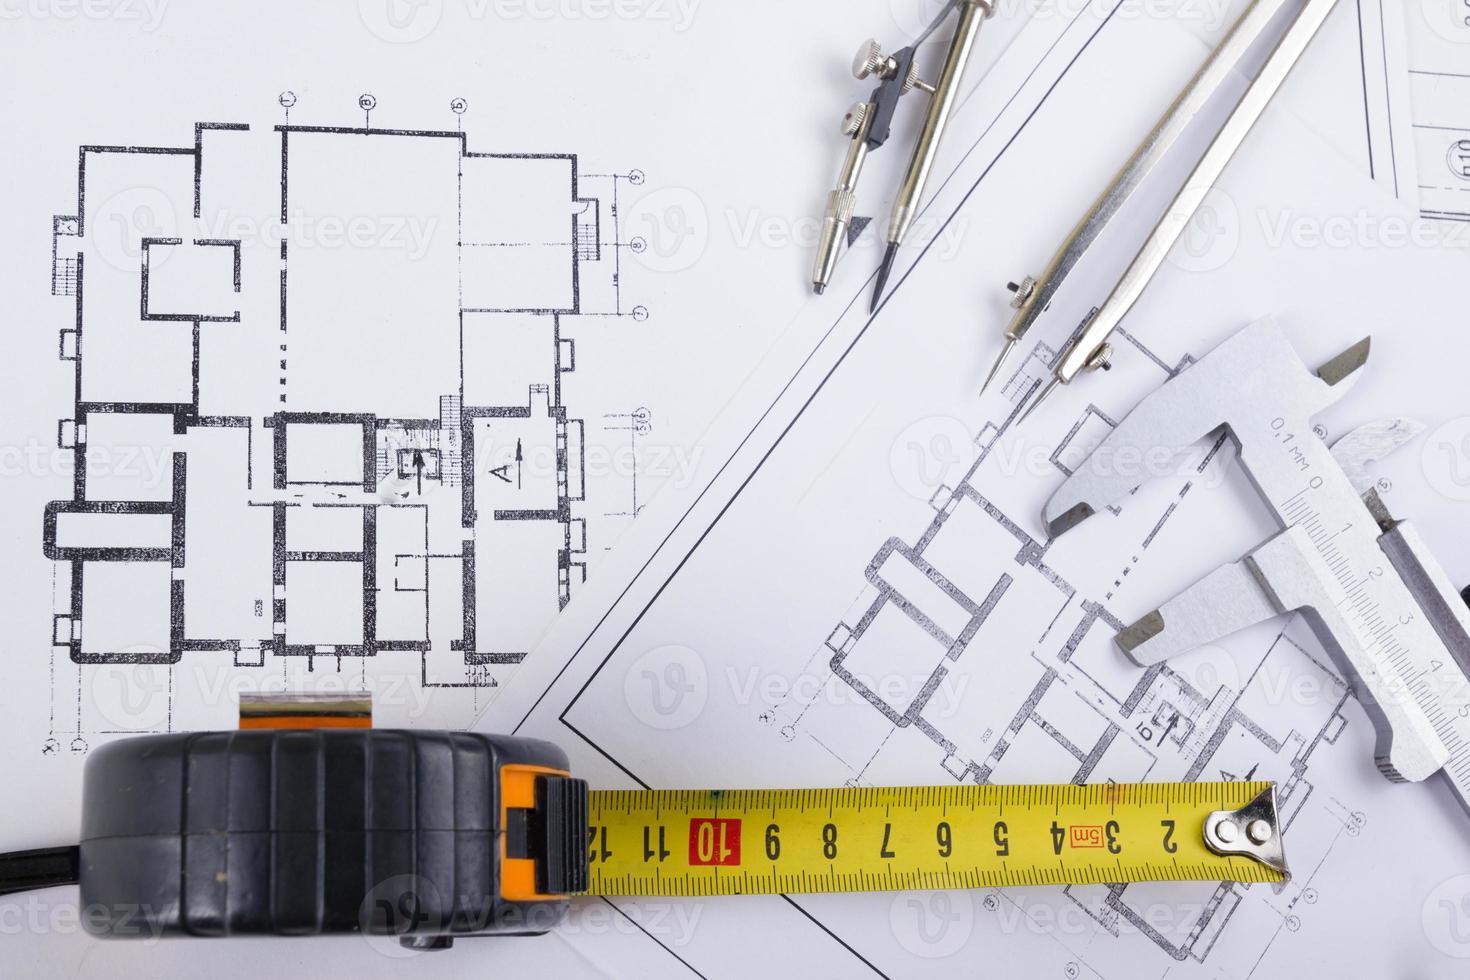 projet architectural, plans, compas diviseur, étriers, crayon, calculatrice sur plans photo